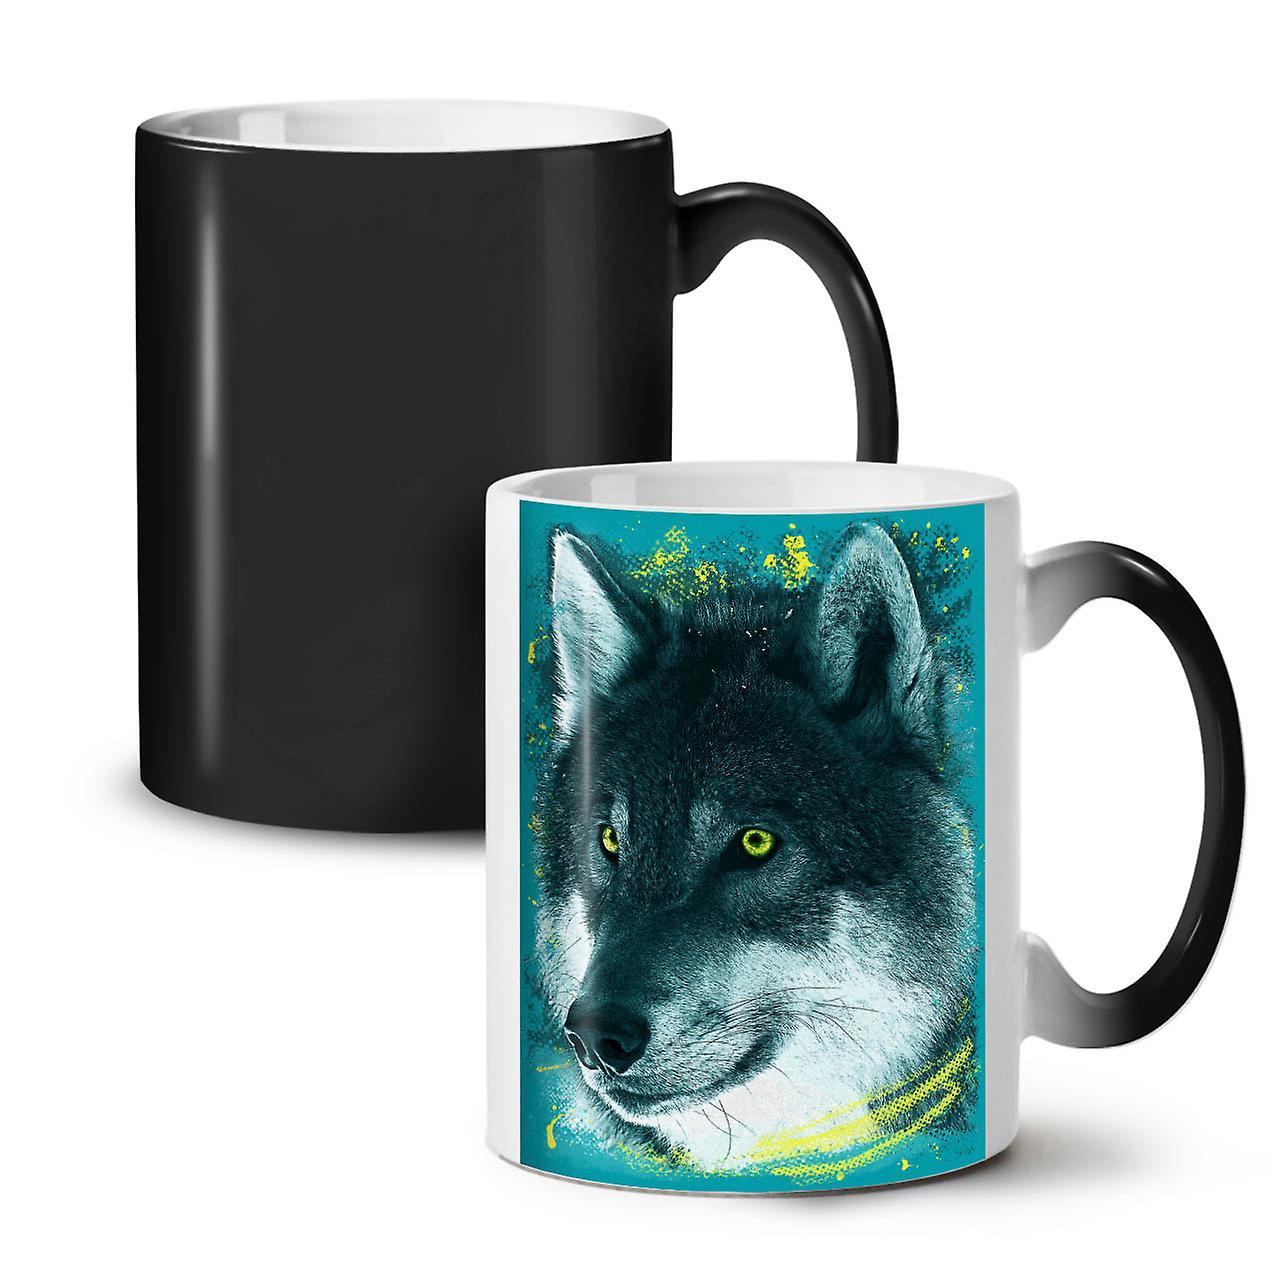 Café Nouvelle Noir Coloré 11 Céramique OzWellcoda Face Tasse Couleur Loup Animal Thé Changeant qR543ALj